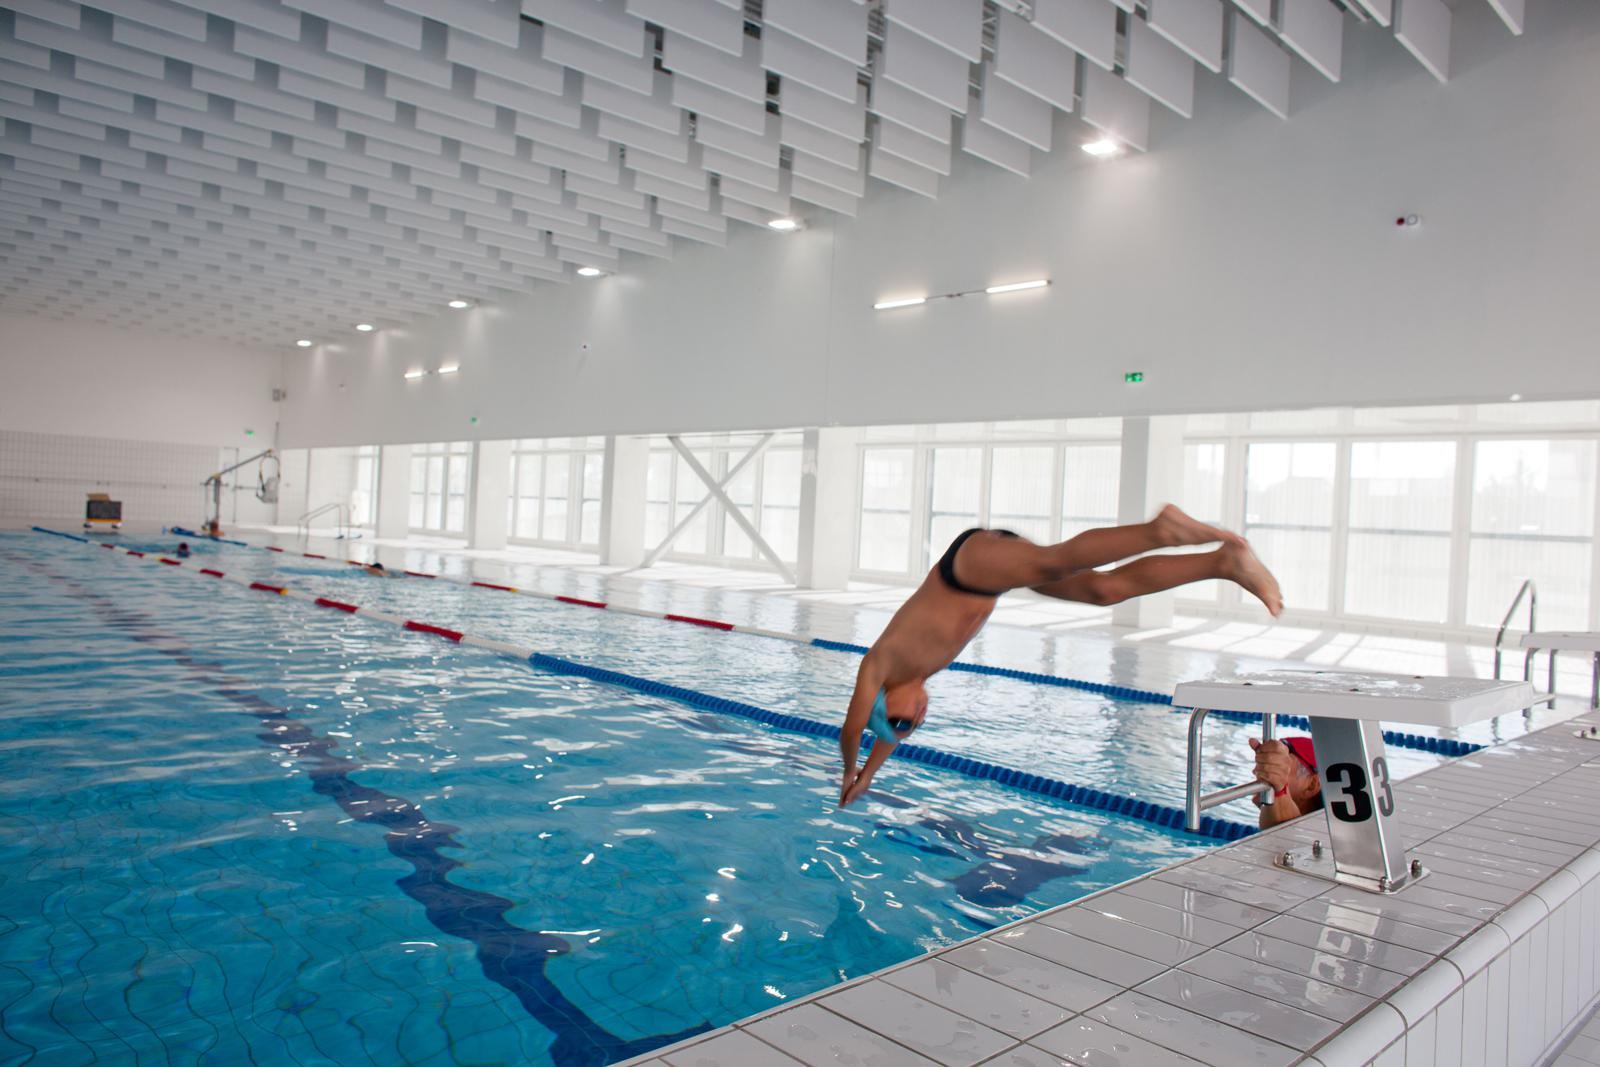 piscine-job  © Ville de Toulouse - P.Nin mod